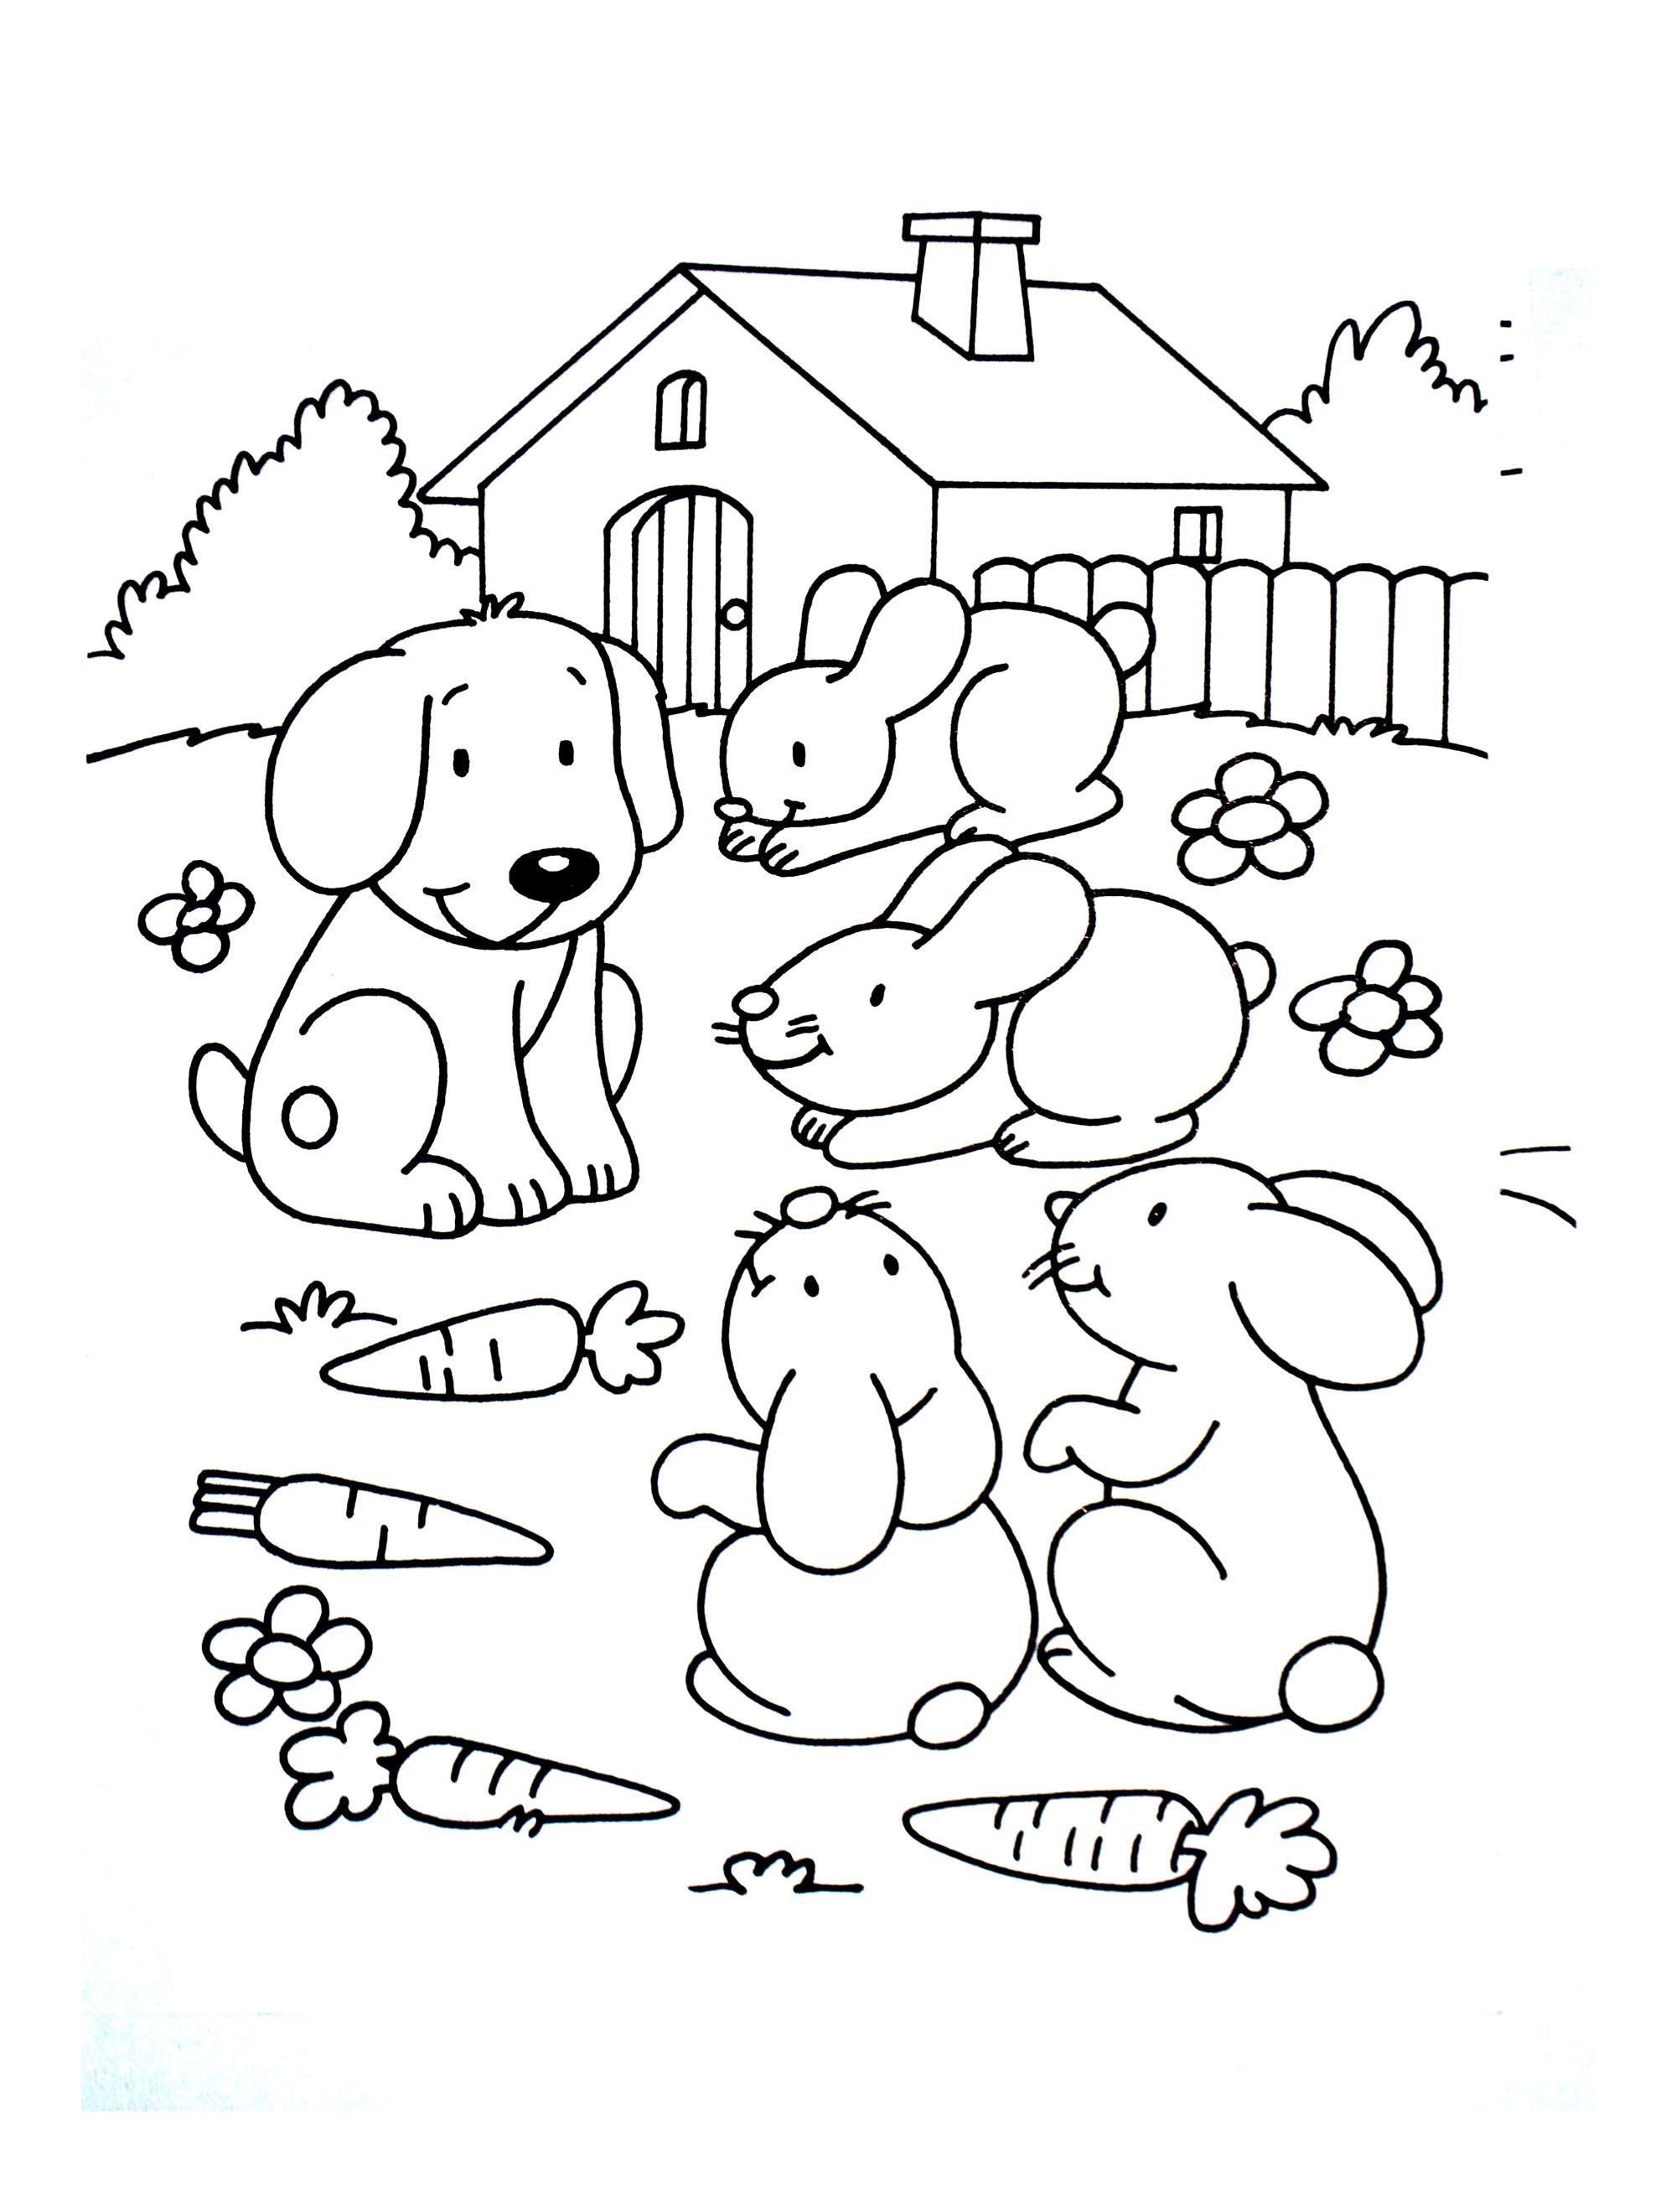 A imprimer chats 3 coloriage sur la ferme tracteurs fermier animaux coloriages pour - Dessin de ferme ...